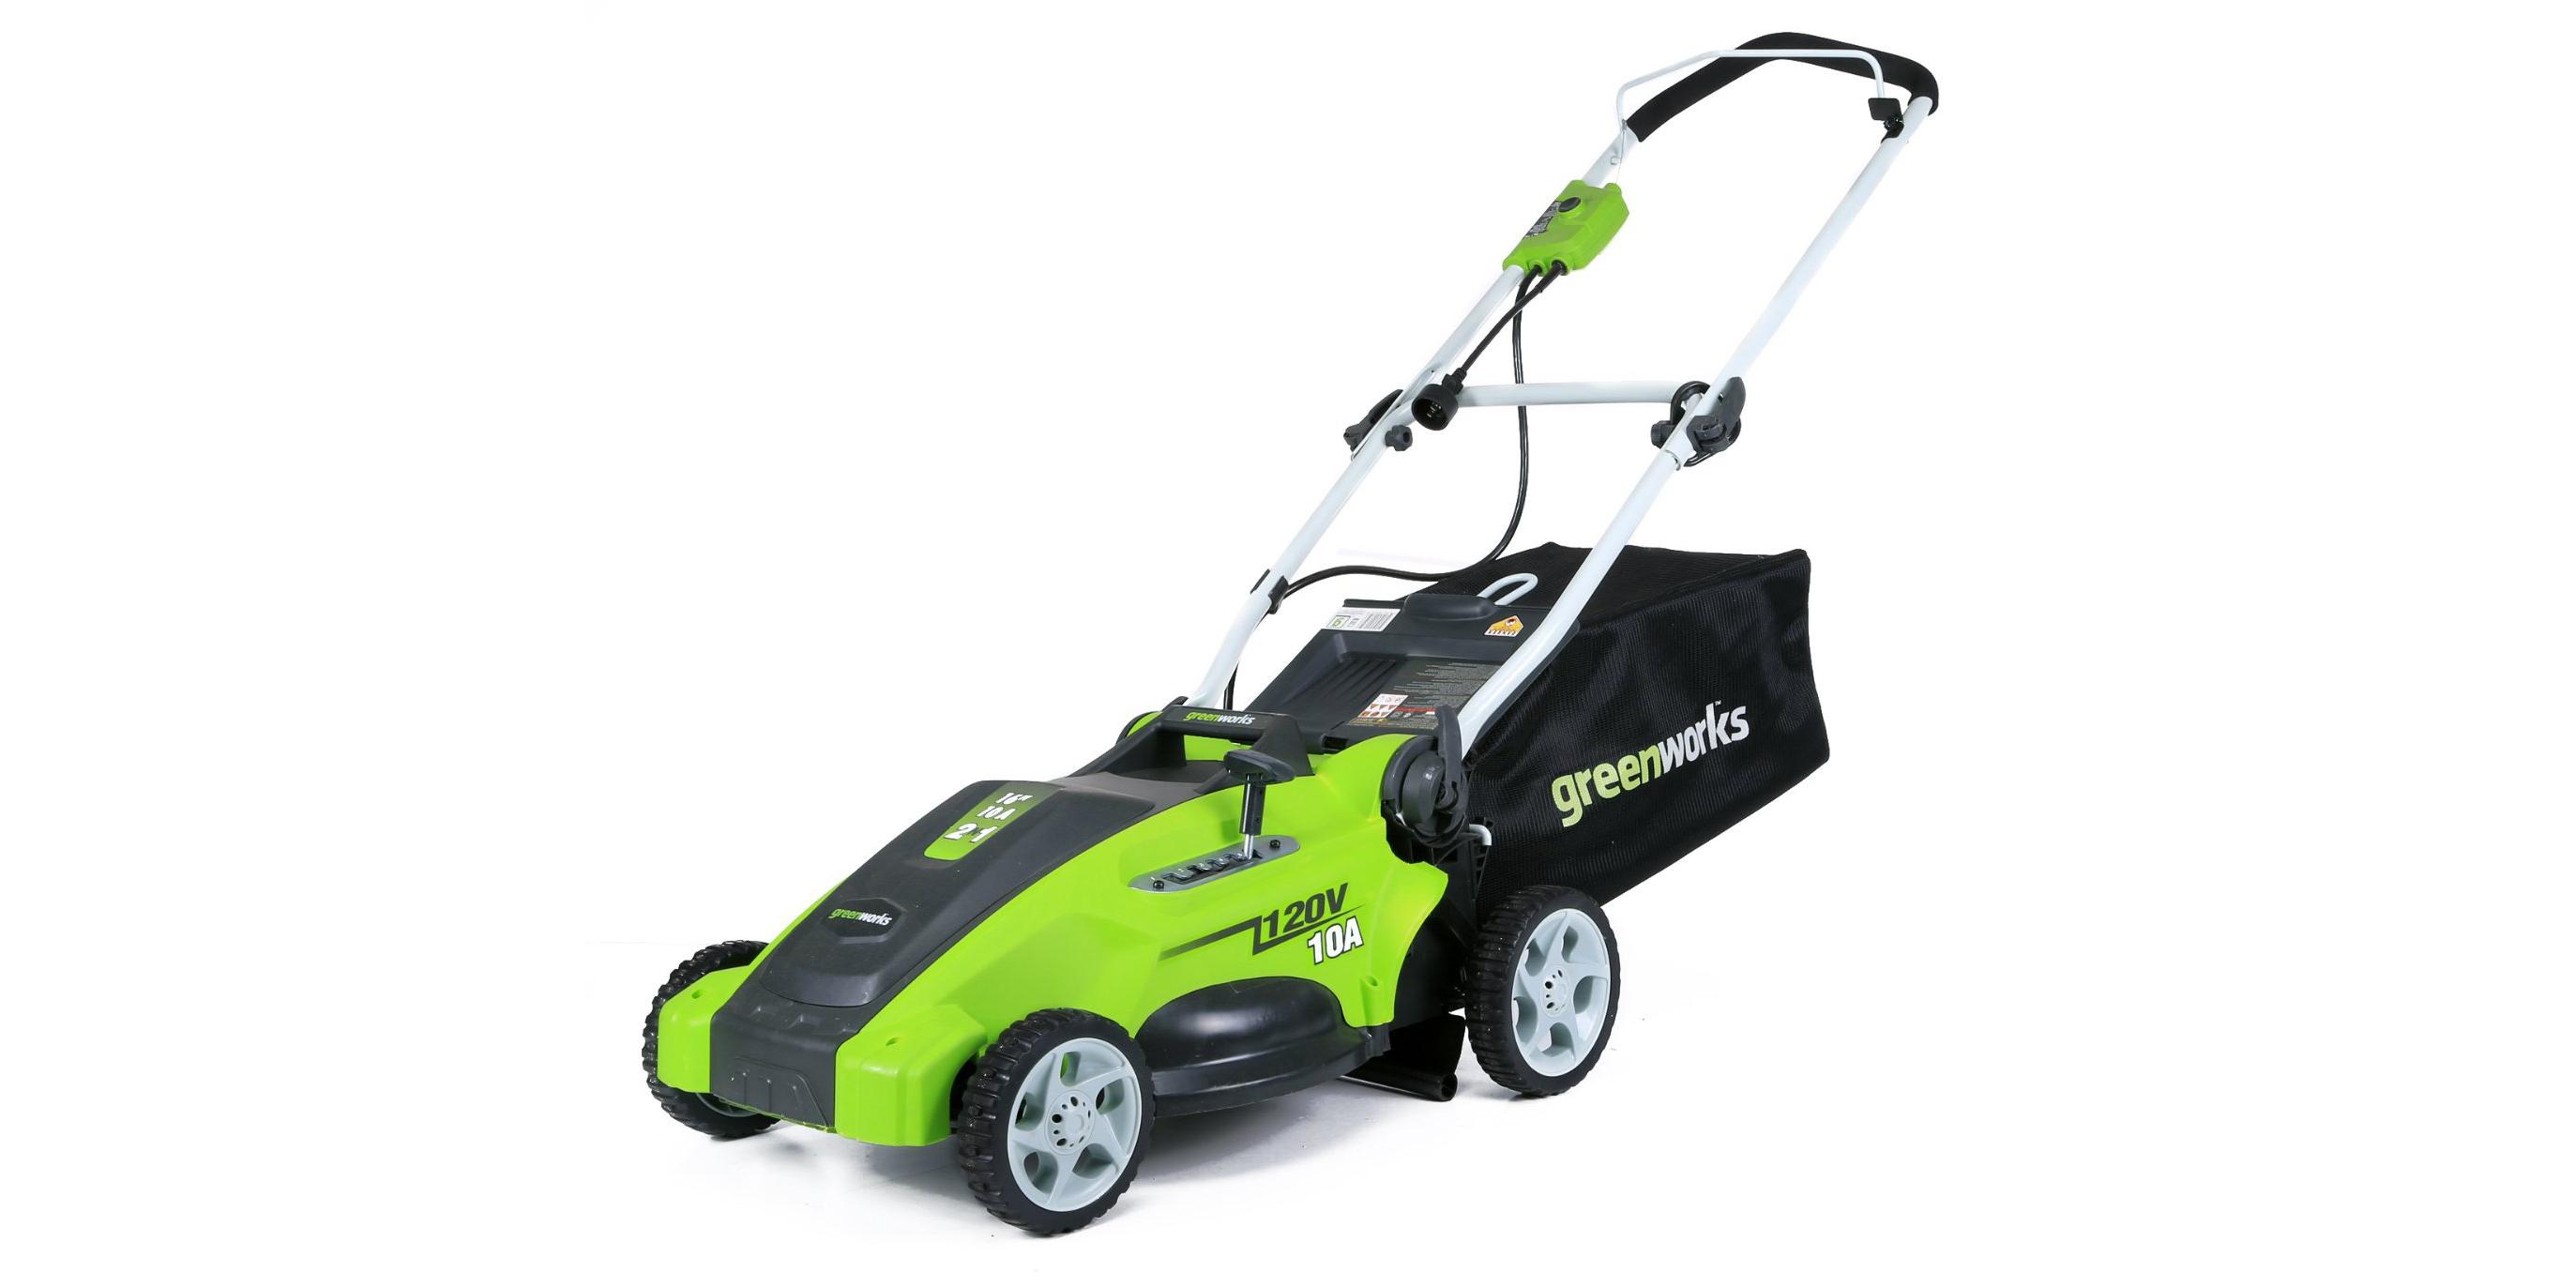 GreenWorks-25142